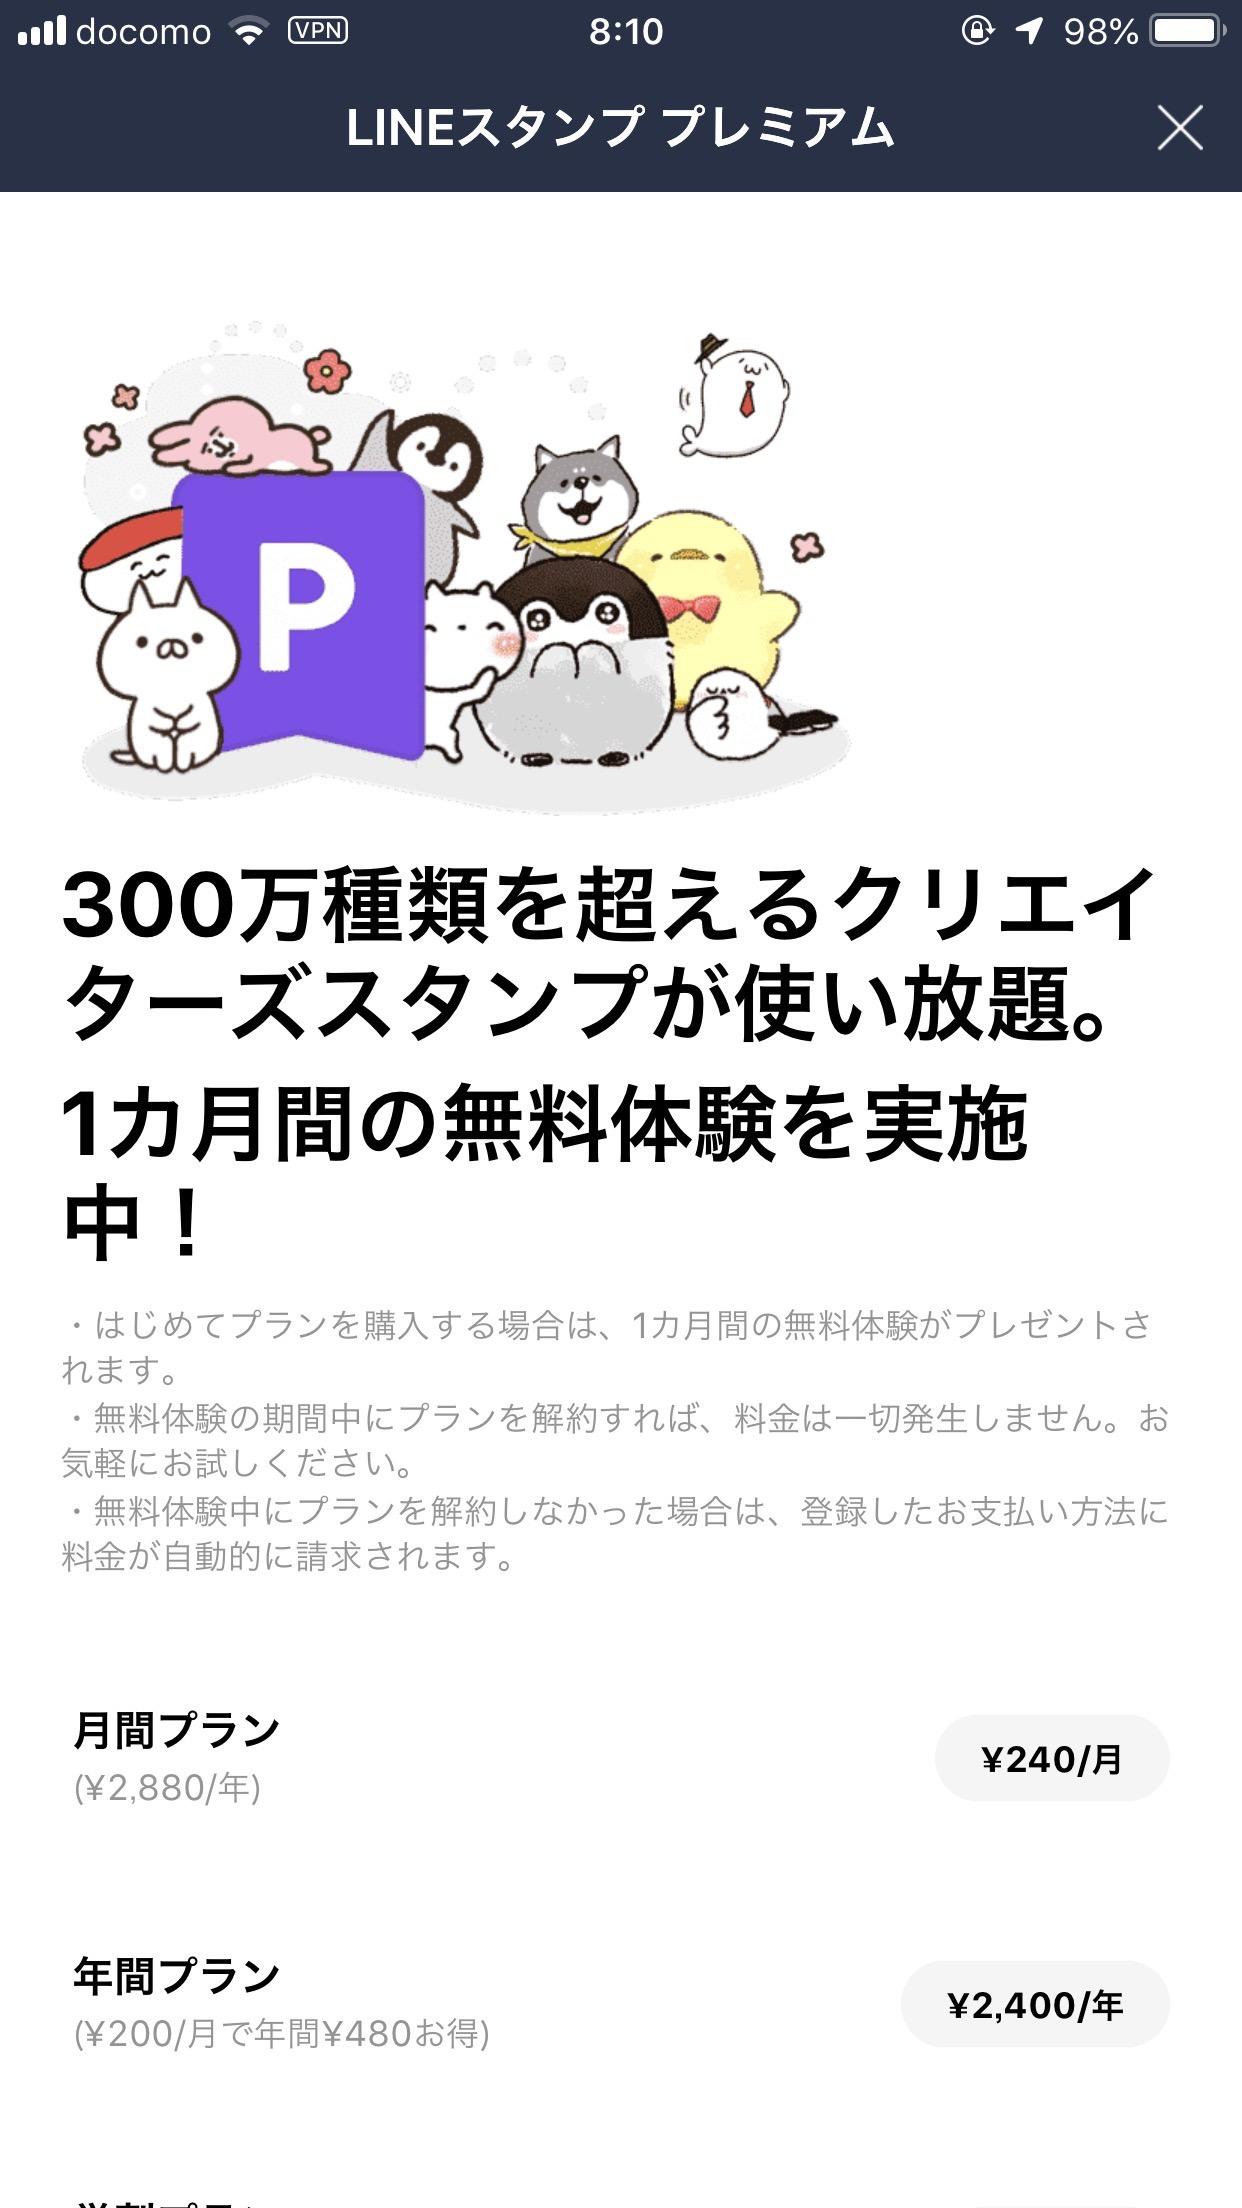 月額240円で300万種類のクリエイターズスタンプが使い放題になる「LINEスタンプ プレミアム」iOS版が提供開始